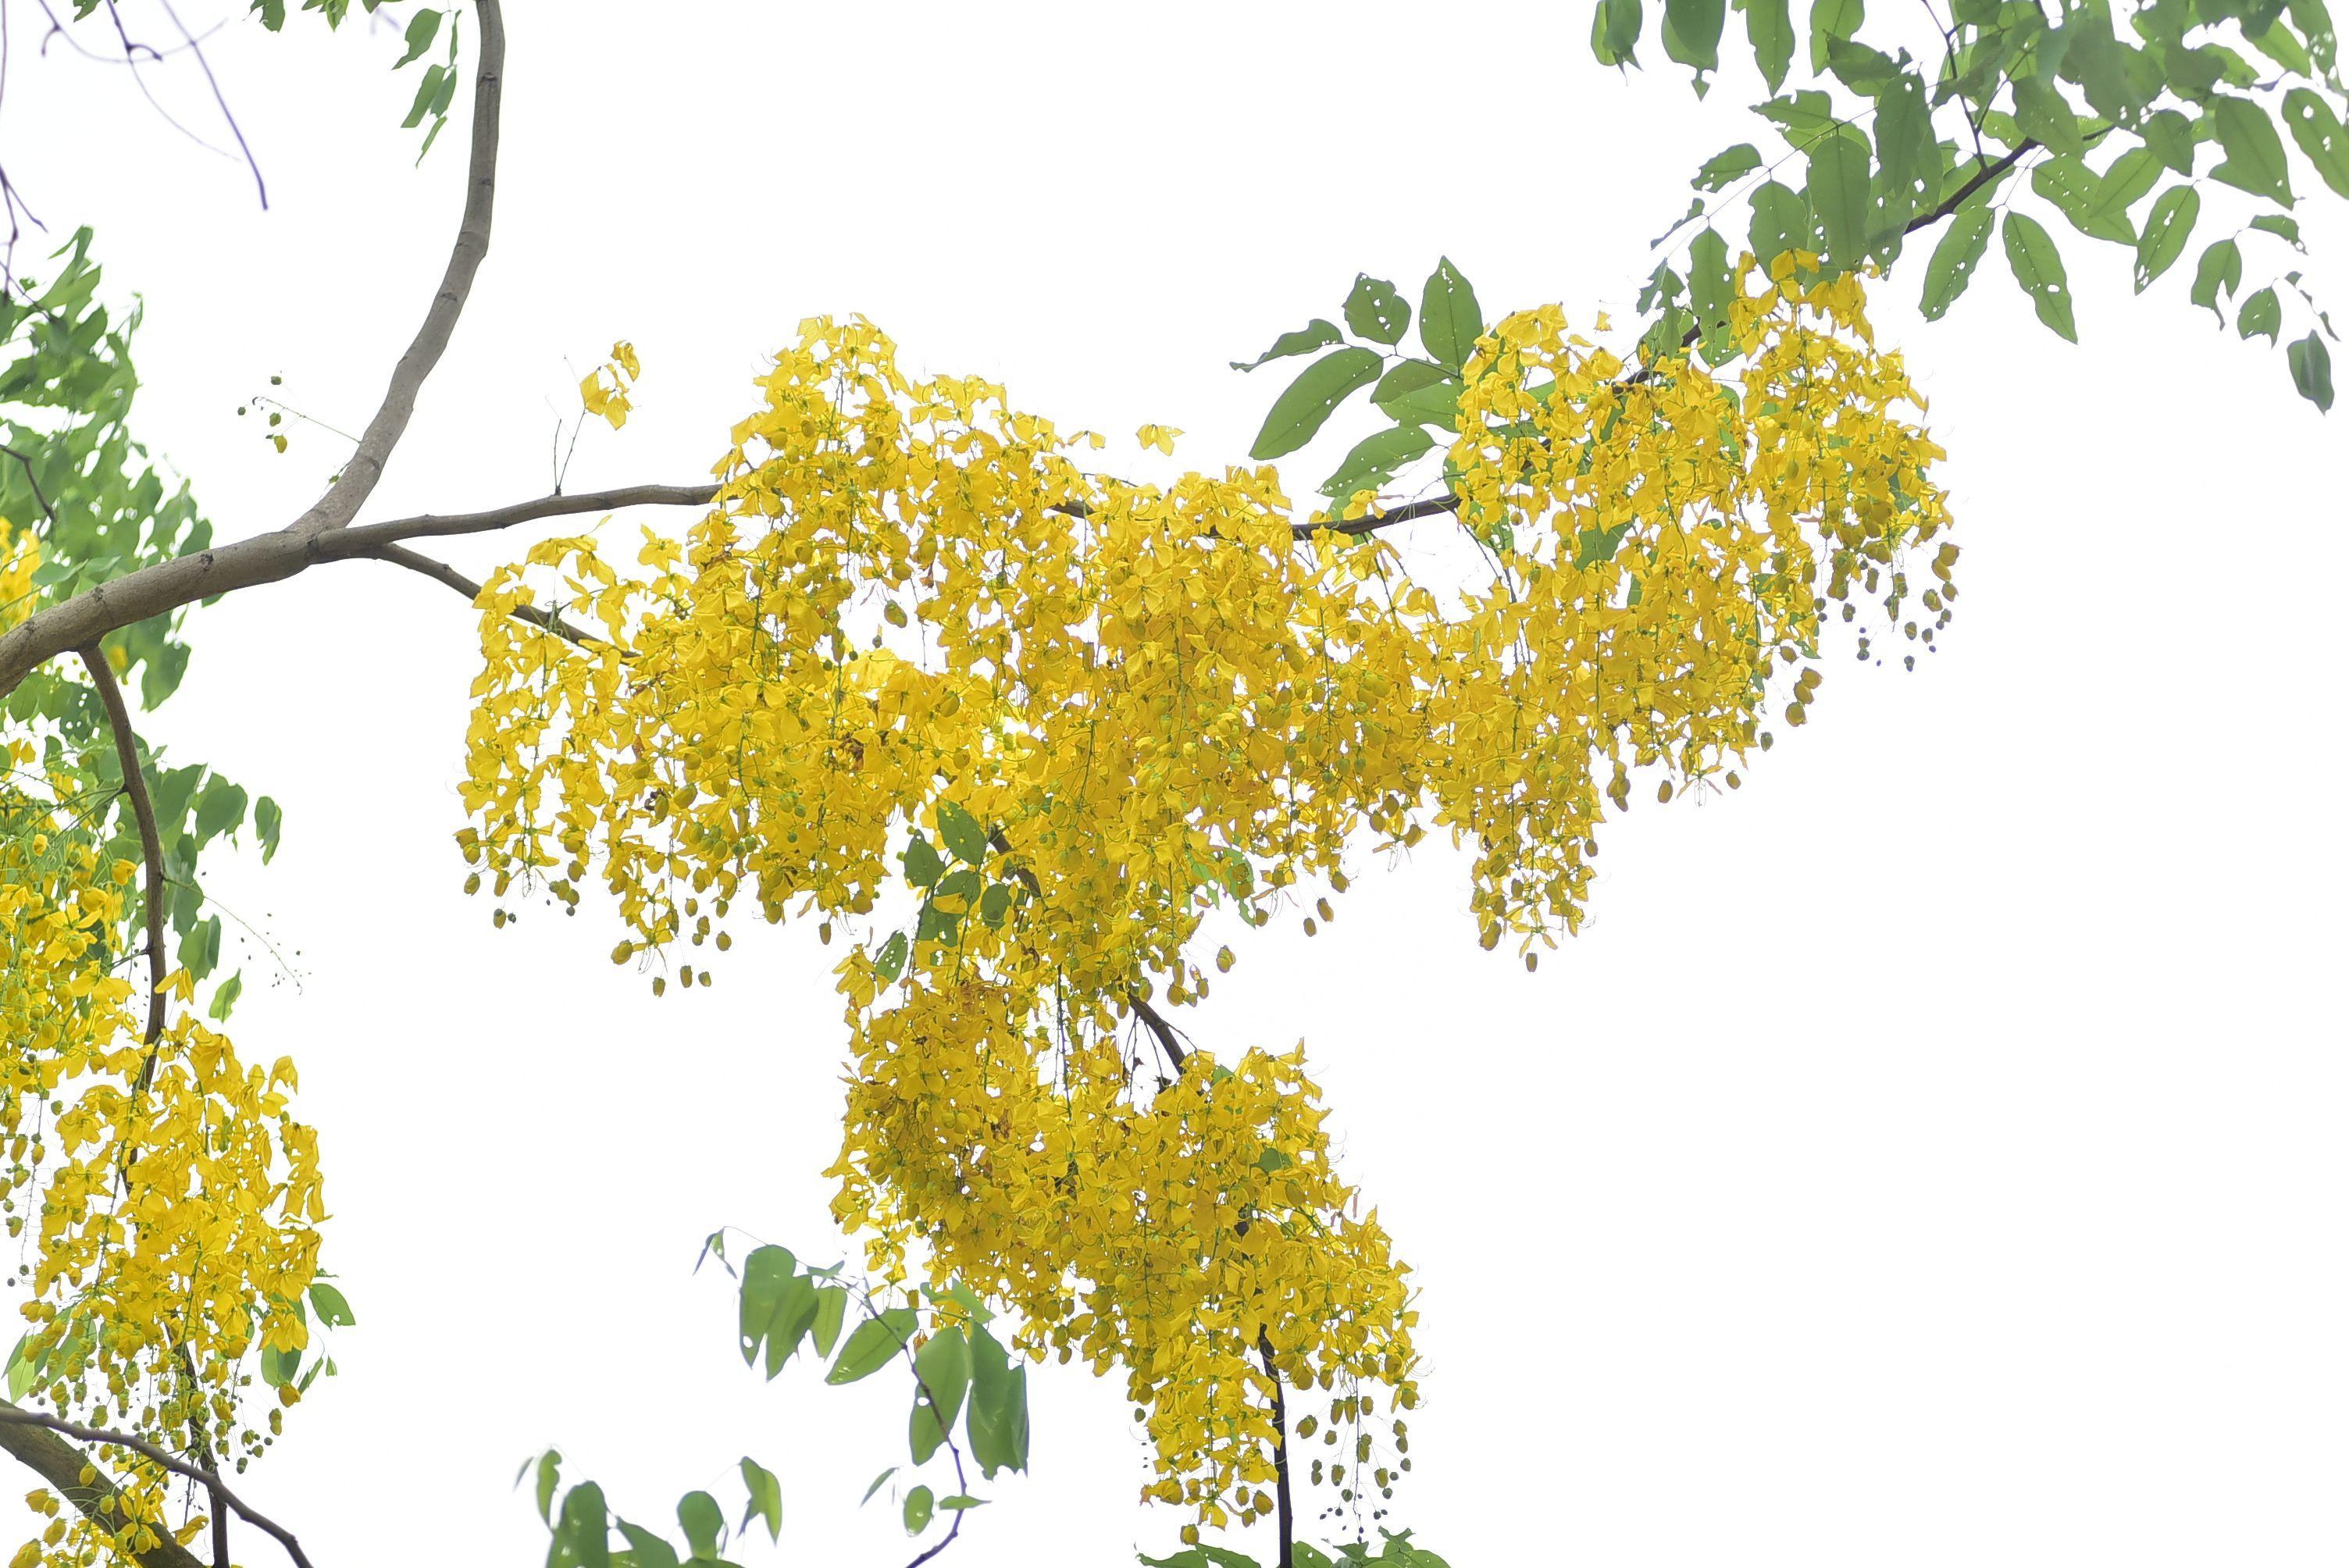 Mùa muồng hoàng yến vàng rực một góc trời Hà Nội